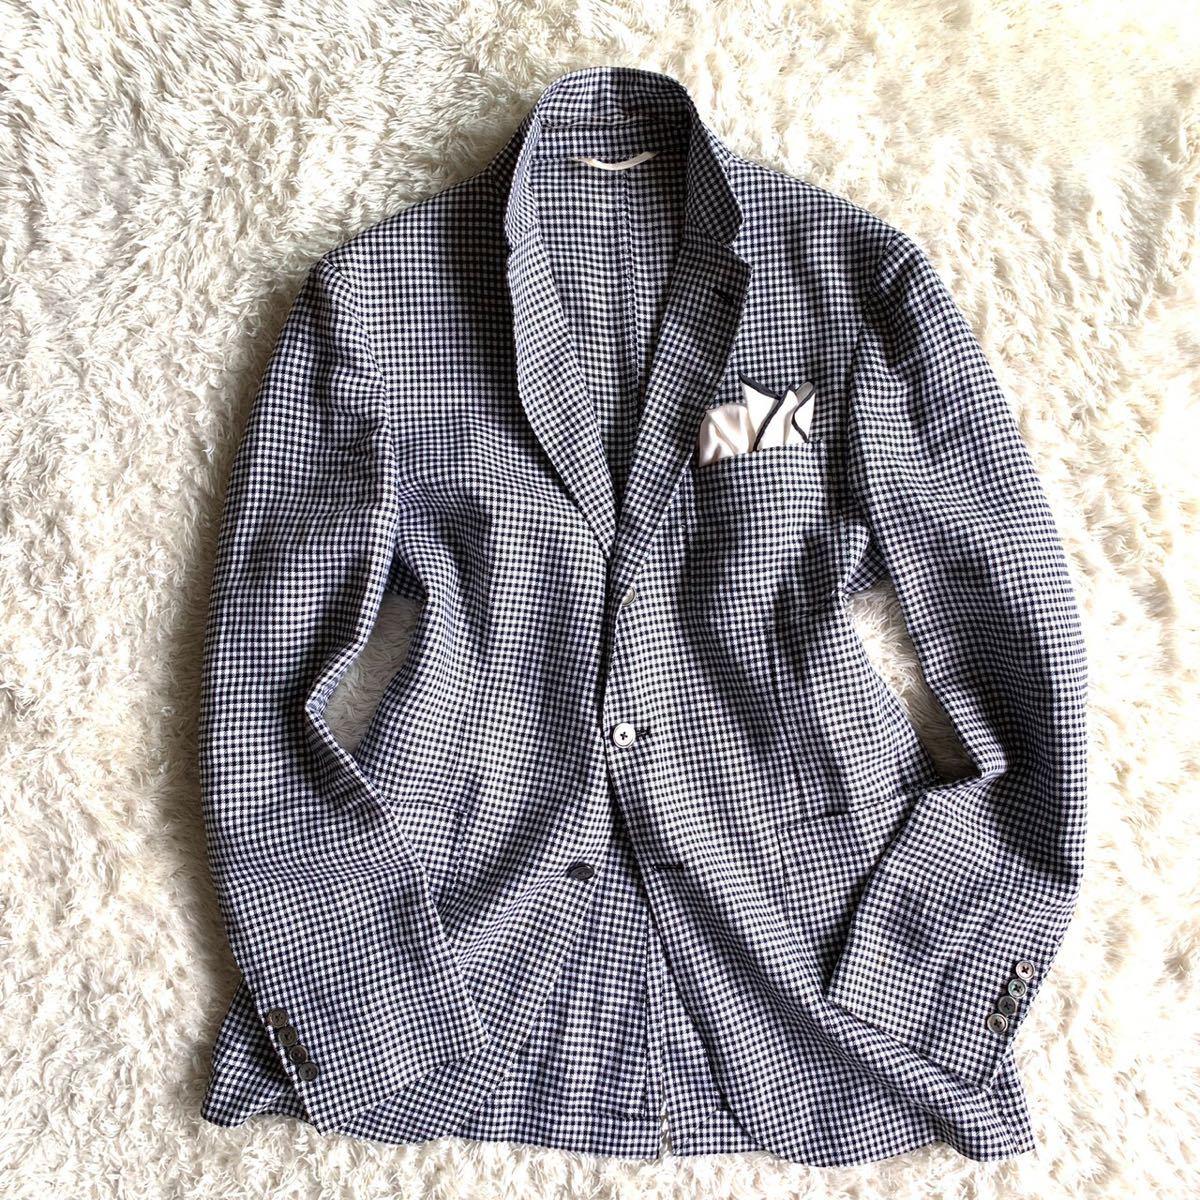 【麻100%】★ユナイテッドアローズ 千鳥格子柄 テーラードジャケット メンズ 48 L相当 サマージャケット